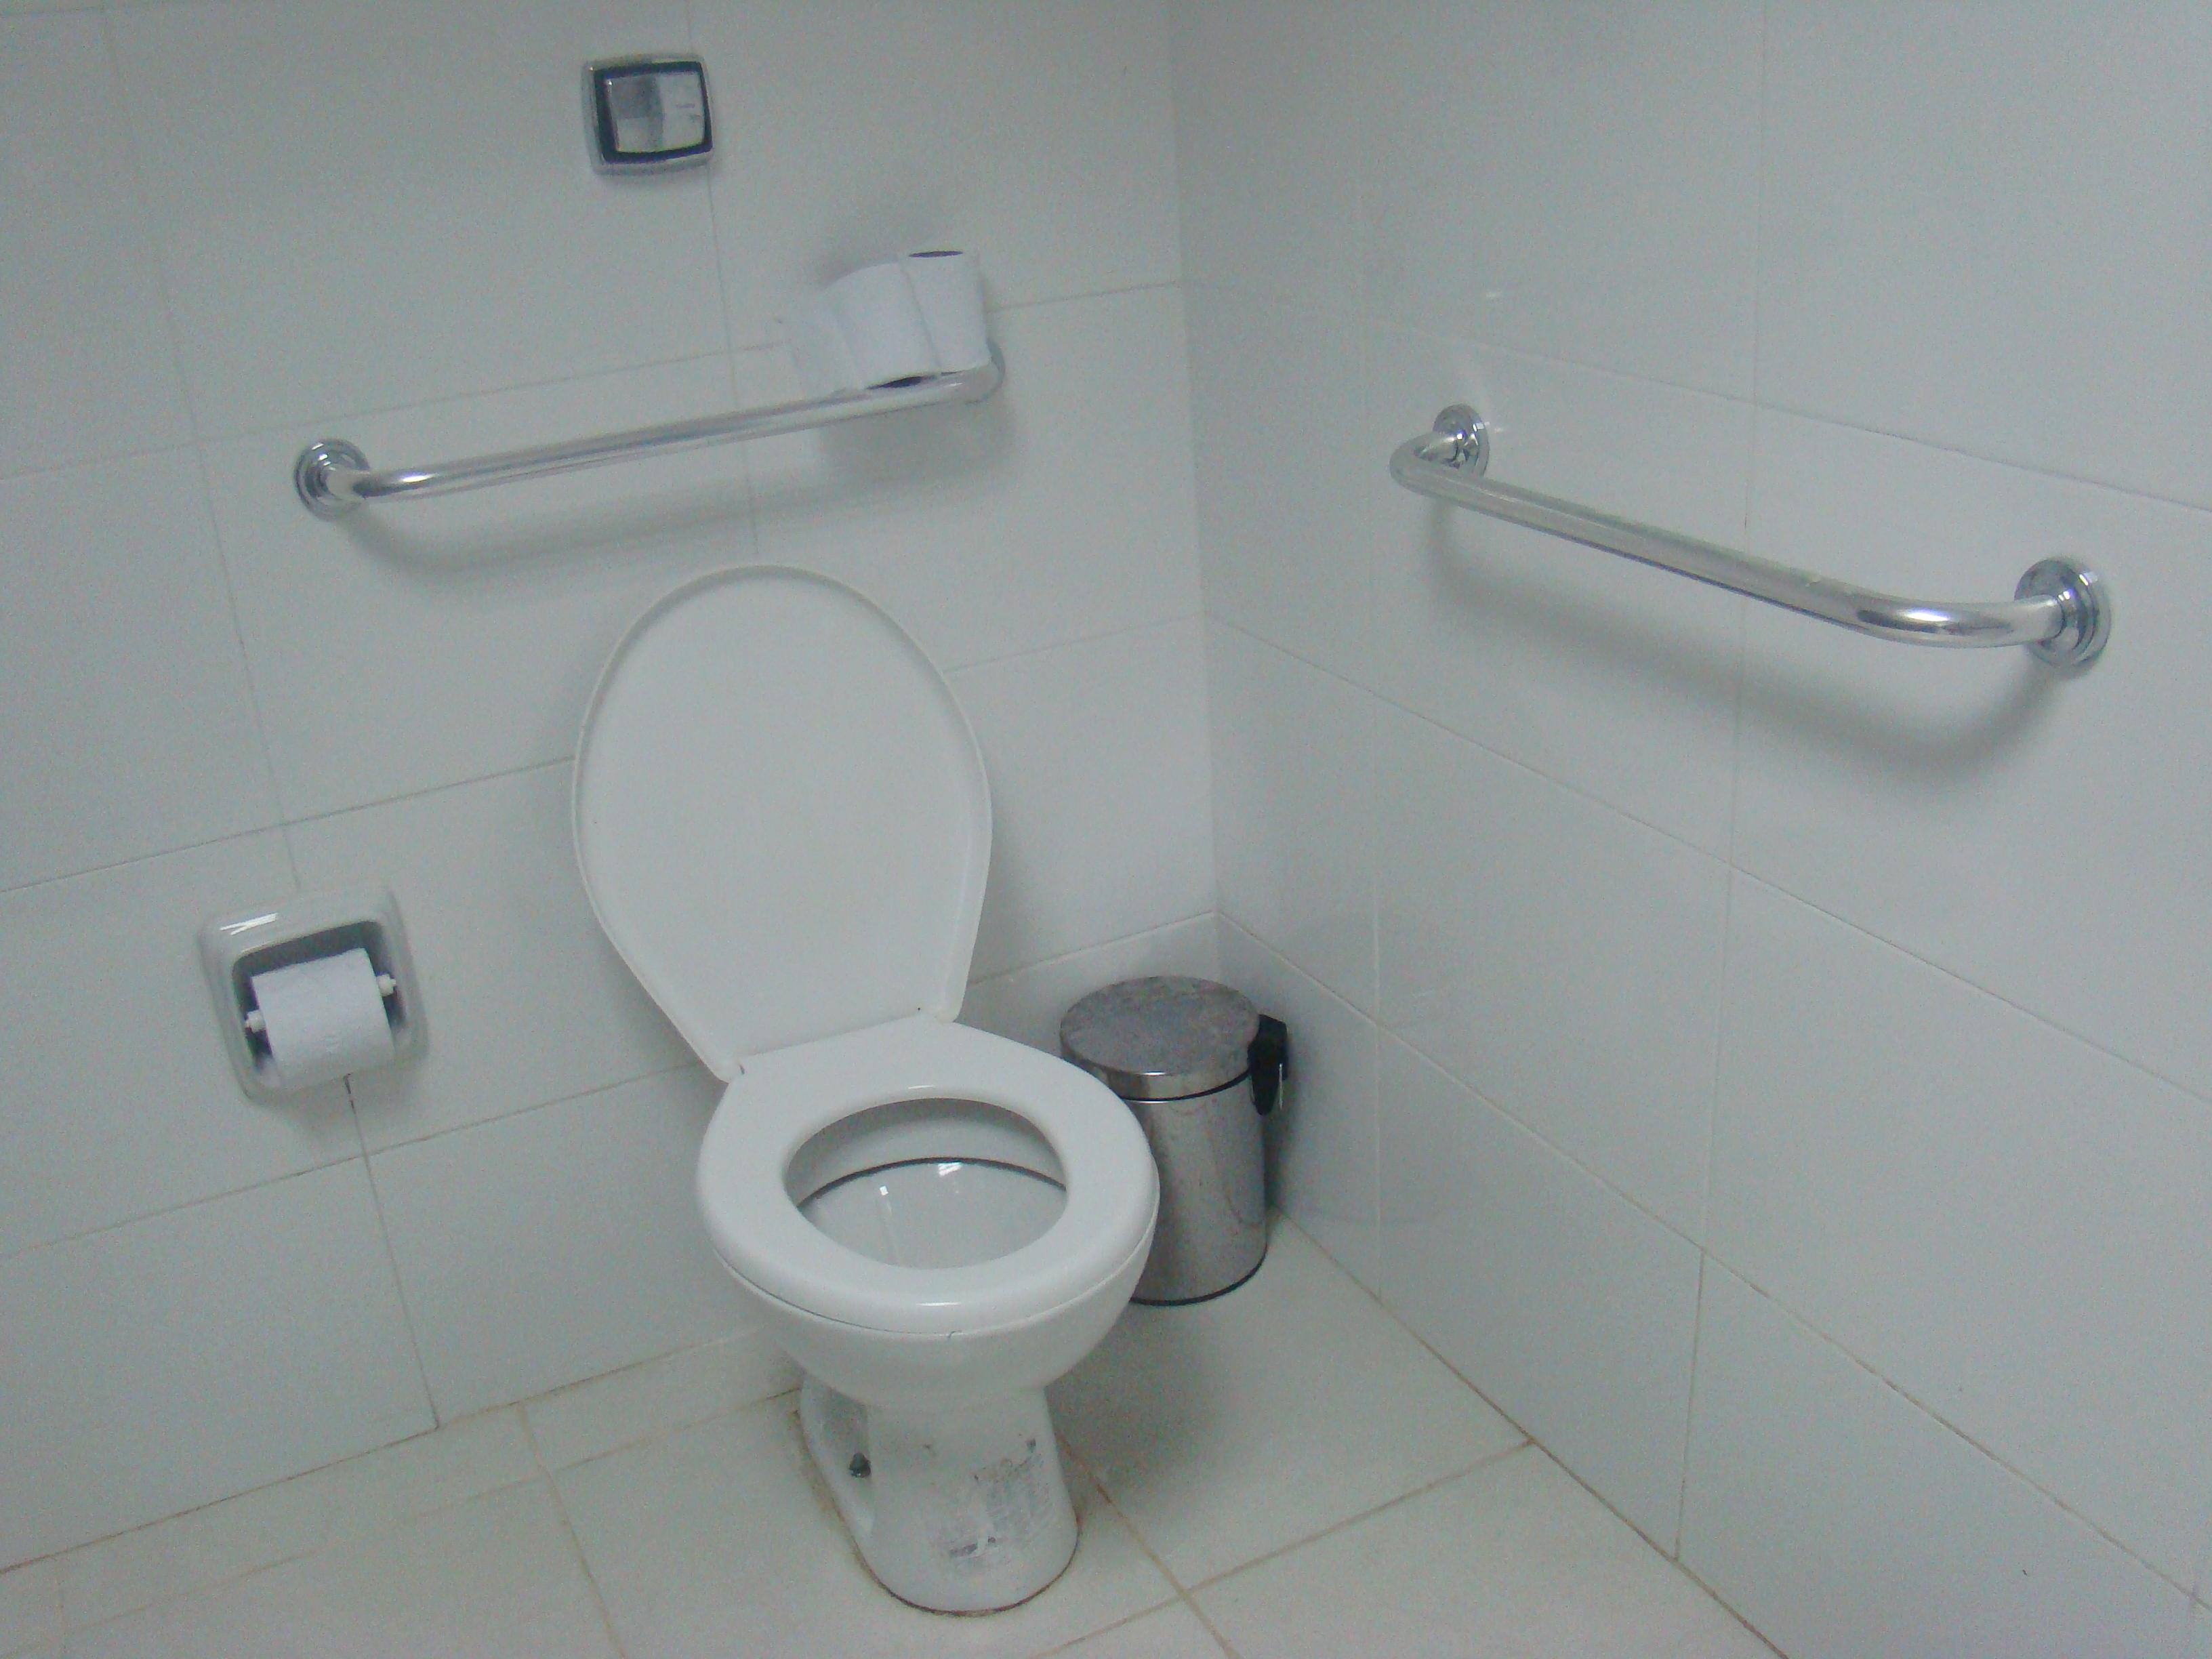 UFF Notícias Superintendência de Comunicação Social (SCS) #46505B 3264x2448 Acessibilidade Idosos Banheiro